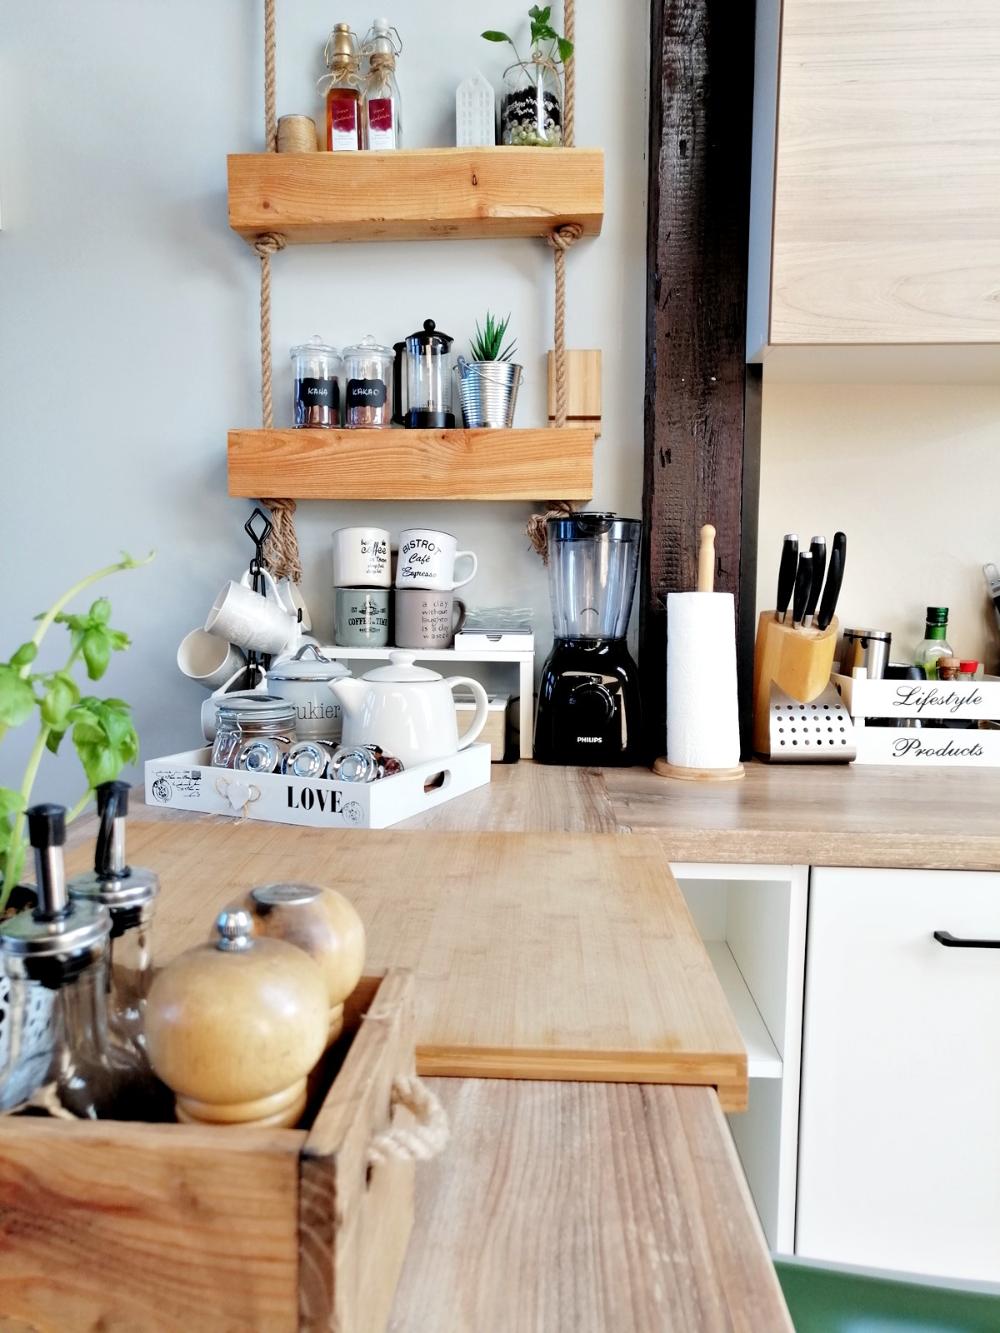 Lada W Kuchni Home Decor Home Kitchen